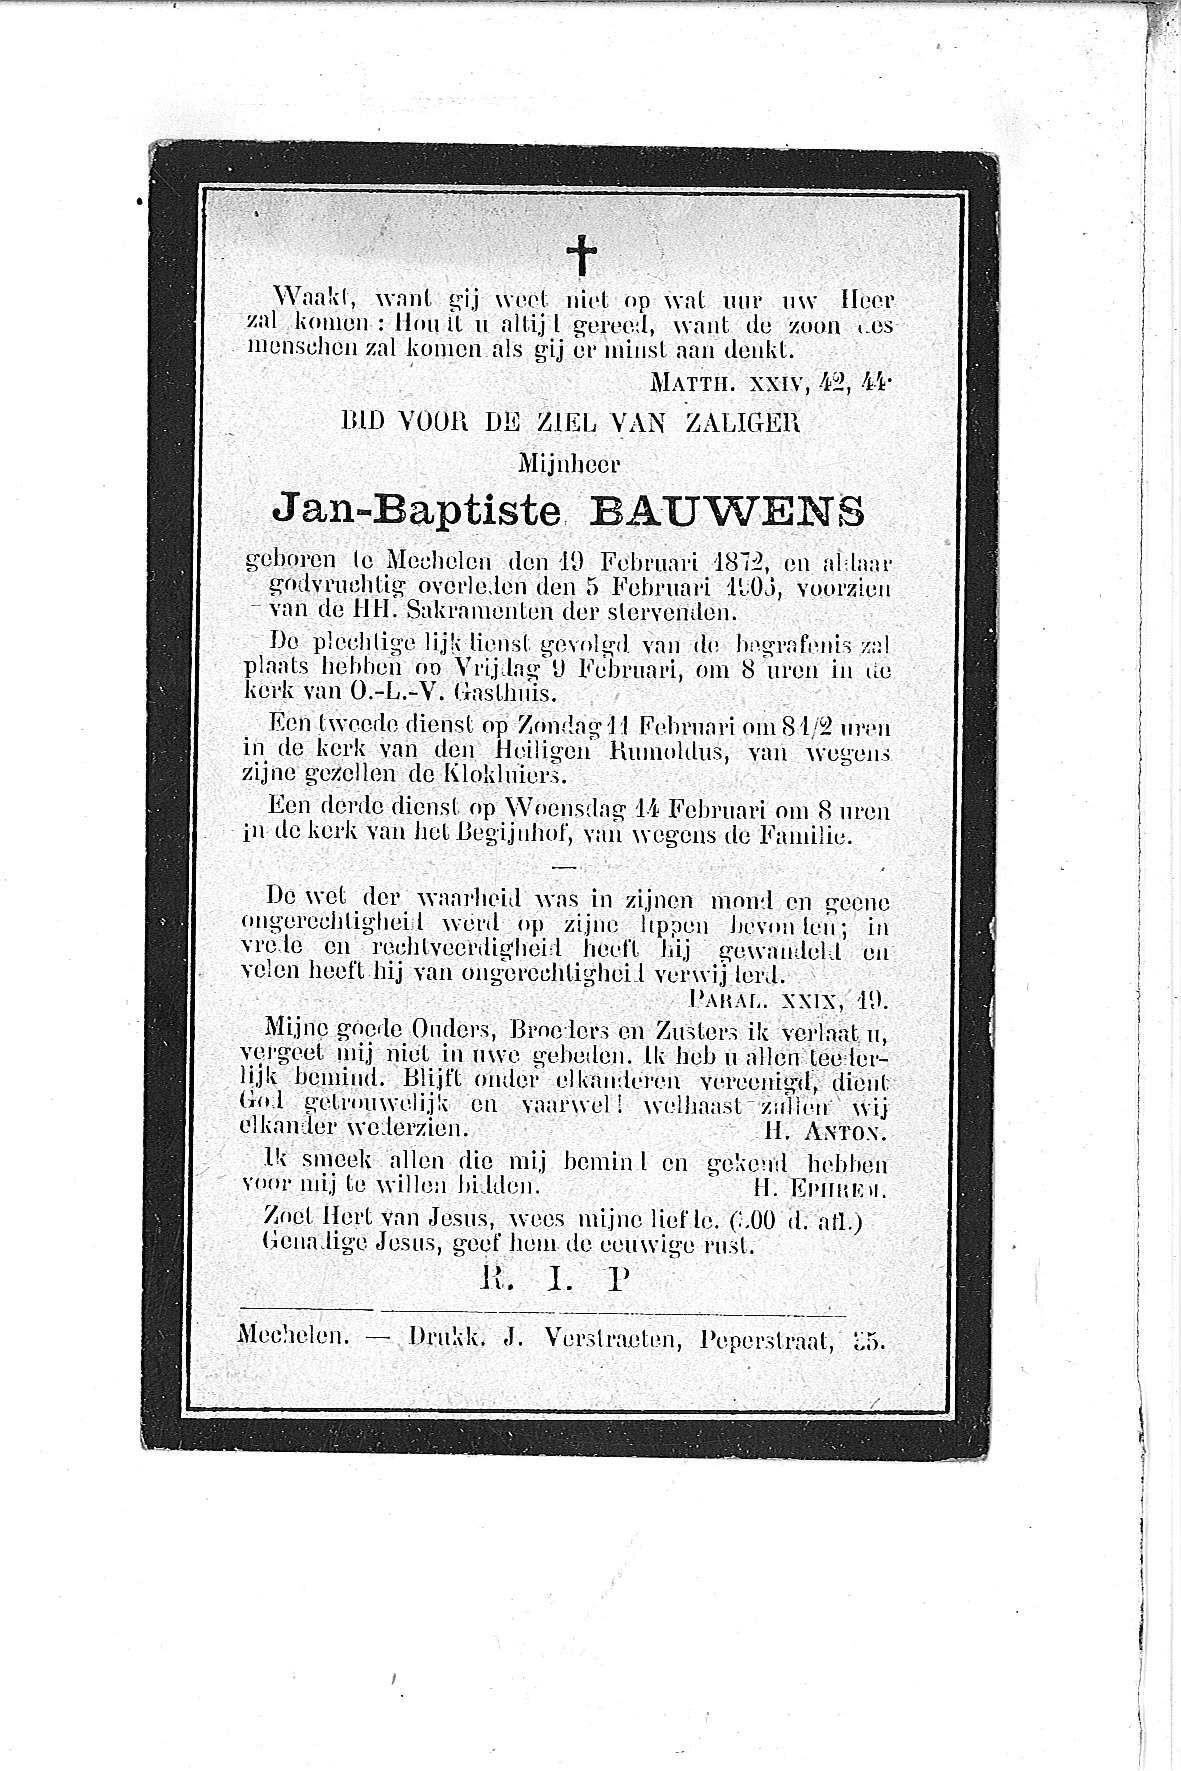 Jan-Baptiste(1903)20101026144912_00030.jpg